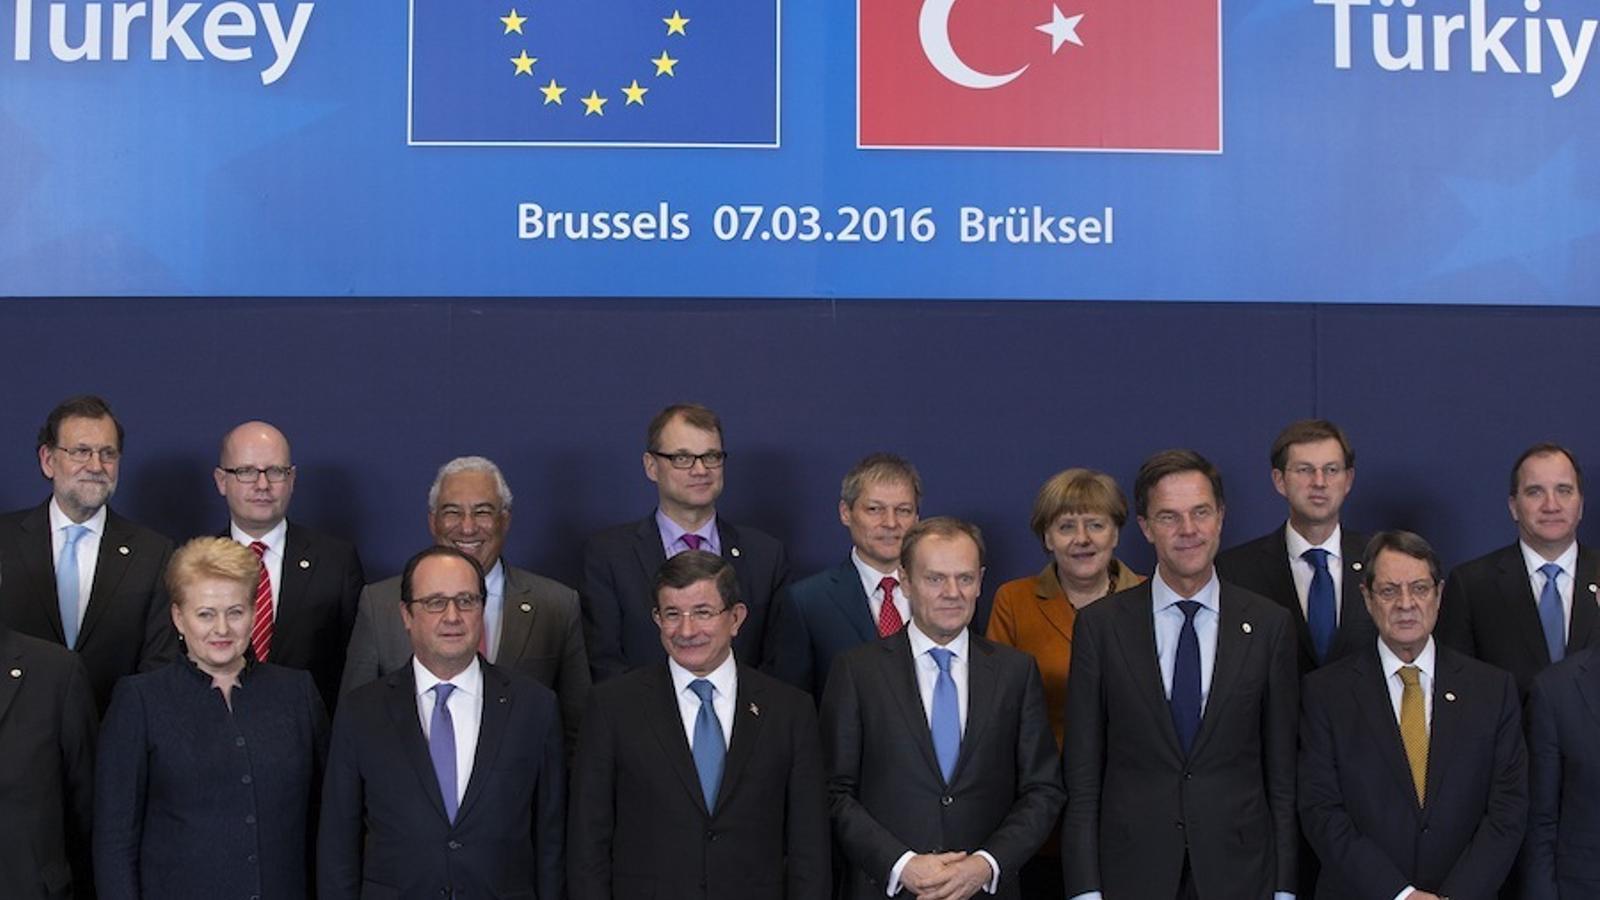 Els líders de la UE i el primer ministre turc, Ahmed Davutoglu (centre), a Brussel·les.